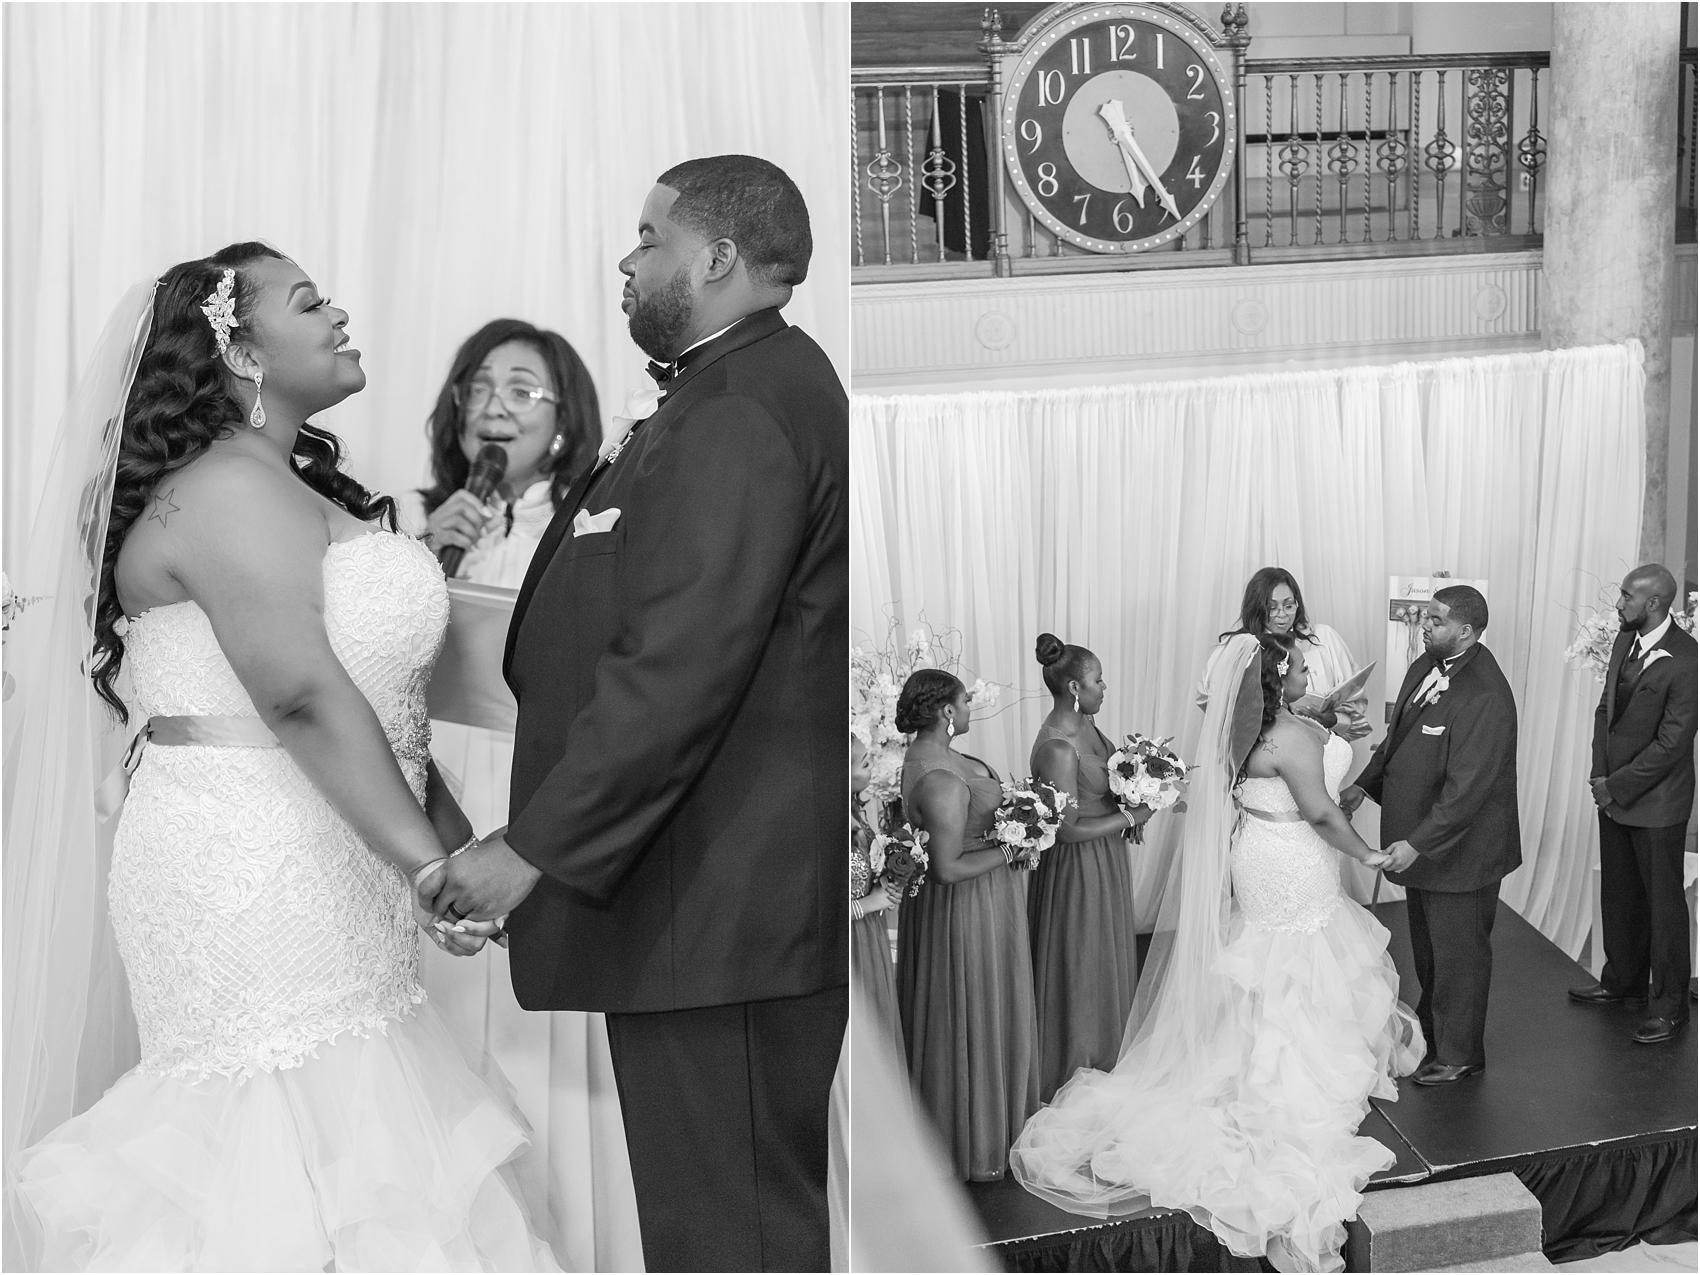 minimalist-and-modern-wedding-photos-at-30-north-saginaw-in-pontiac-michigan-by-courtney-carolyn-photography_0042.jpg